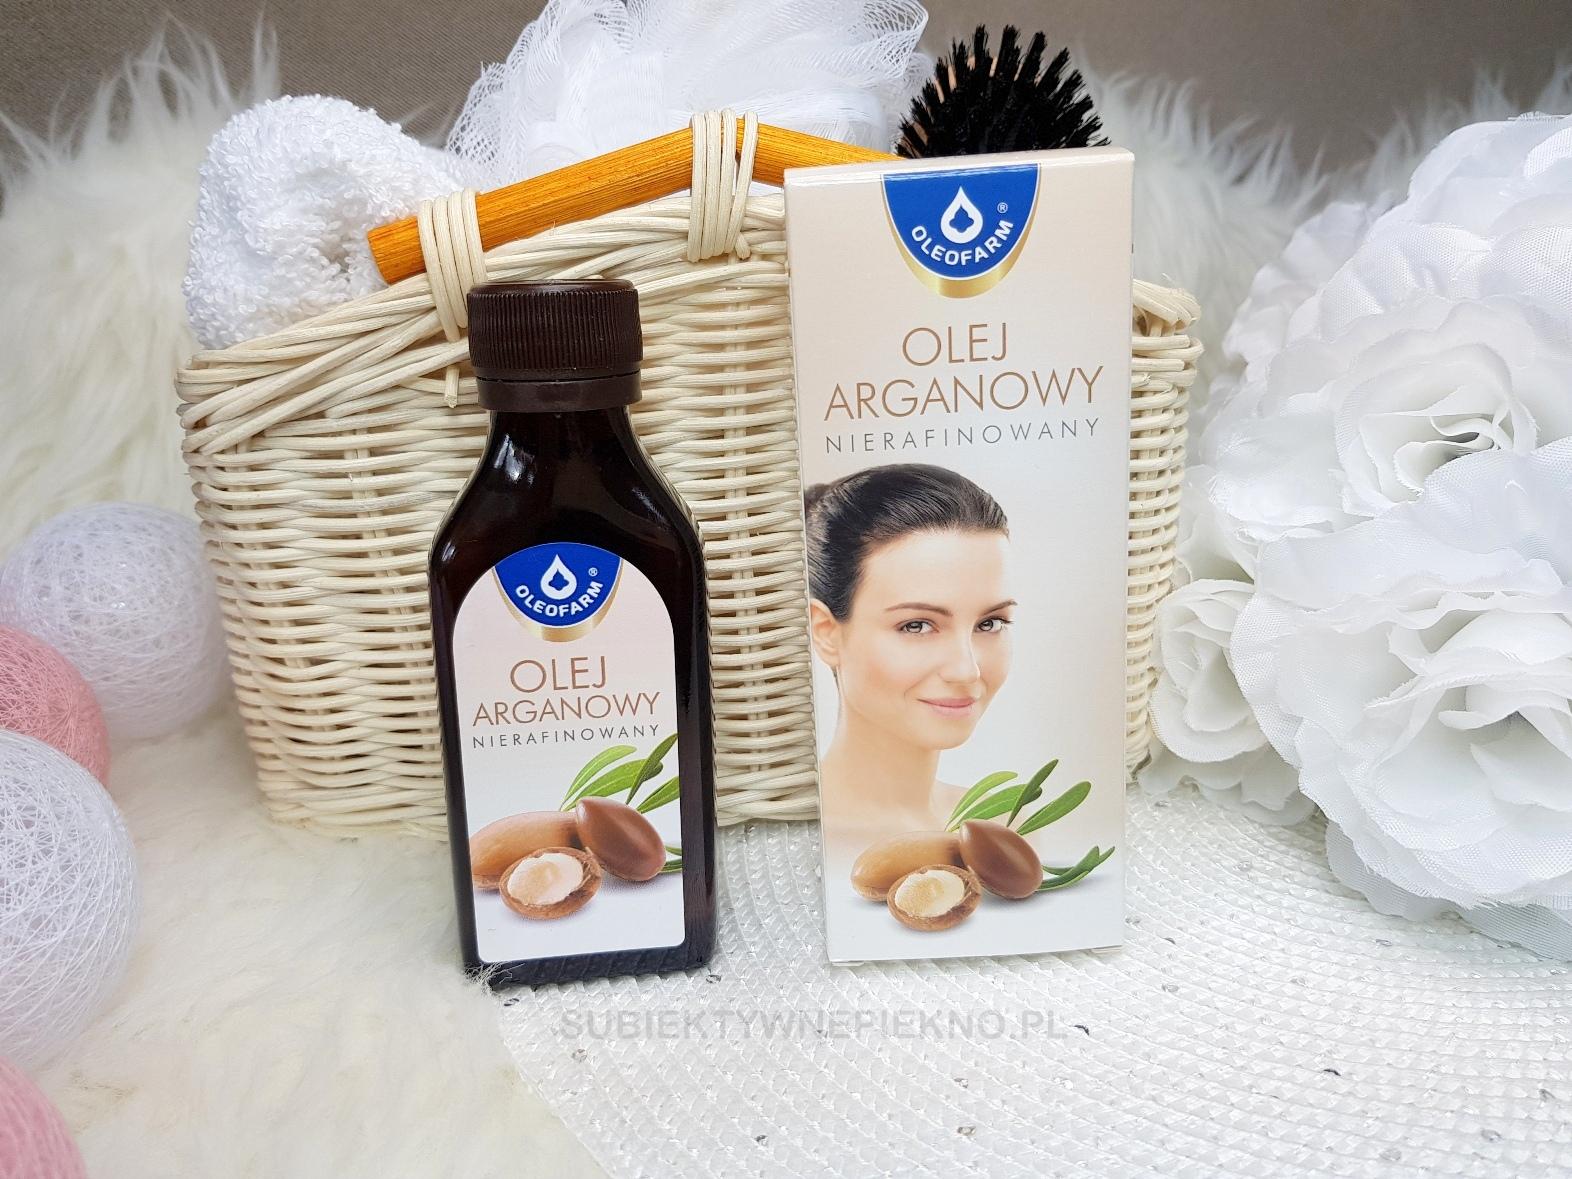 Nierafinowany olej arganowy Oleofarm | Olejowanie włosów